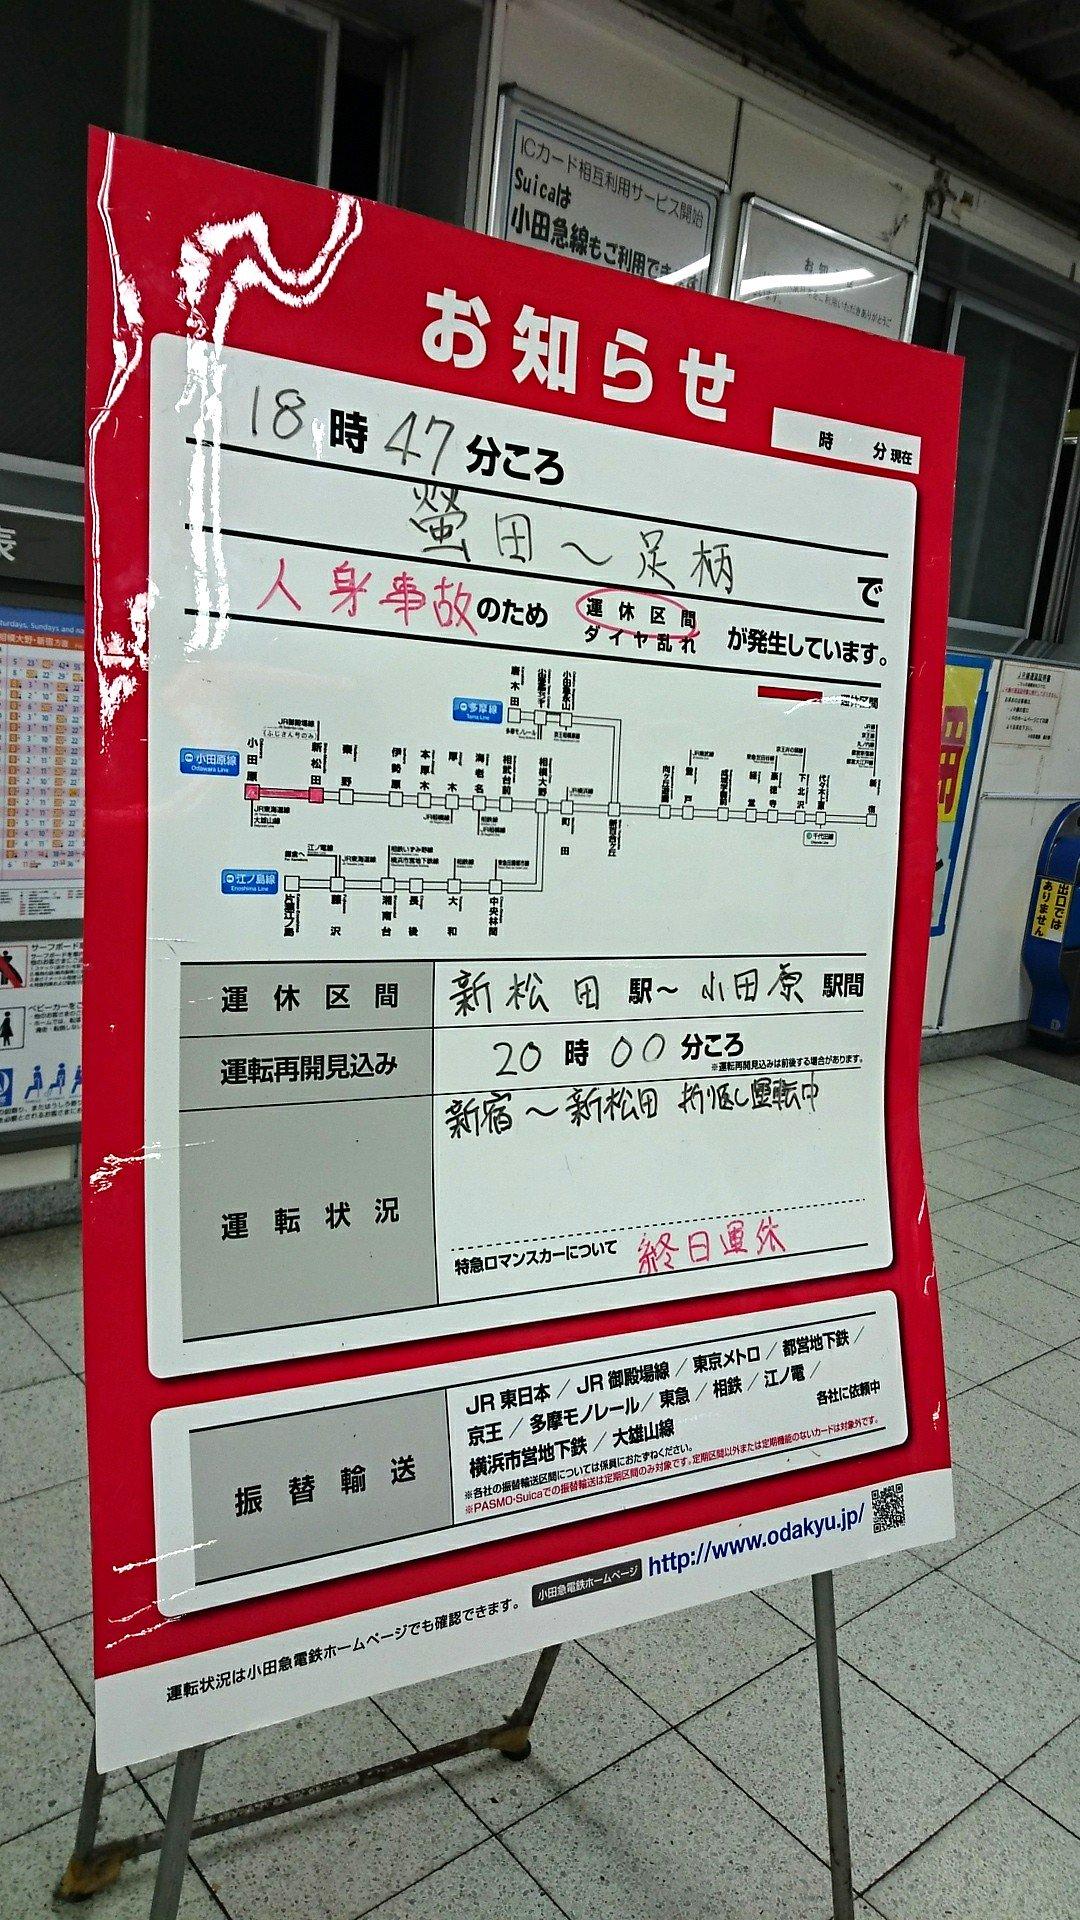 画像,小田急線は螢田~足柄間の踏切で人身事故復旧は20時頃の見込み https://t.co/jZKP8bRmV2。